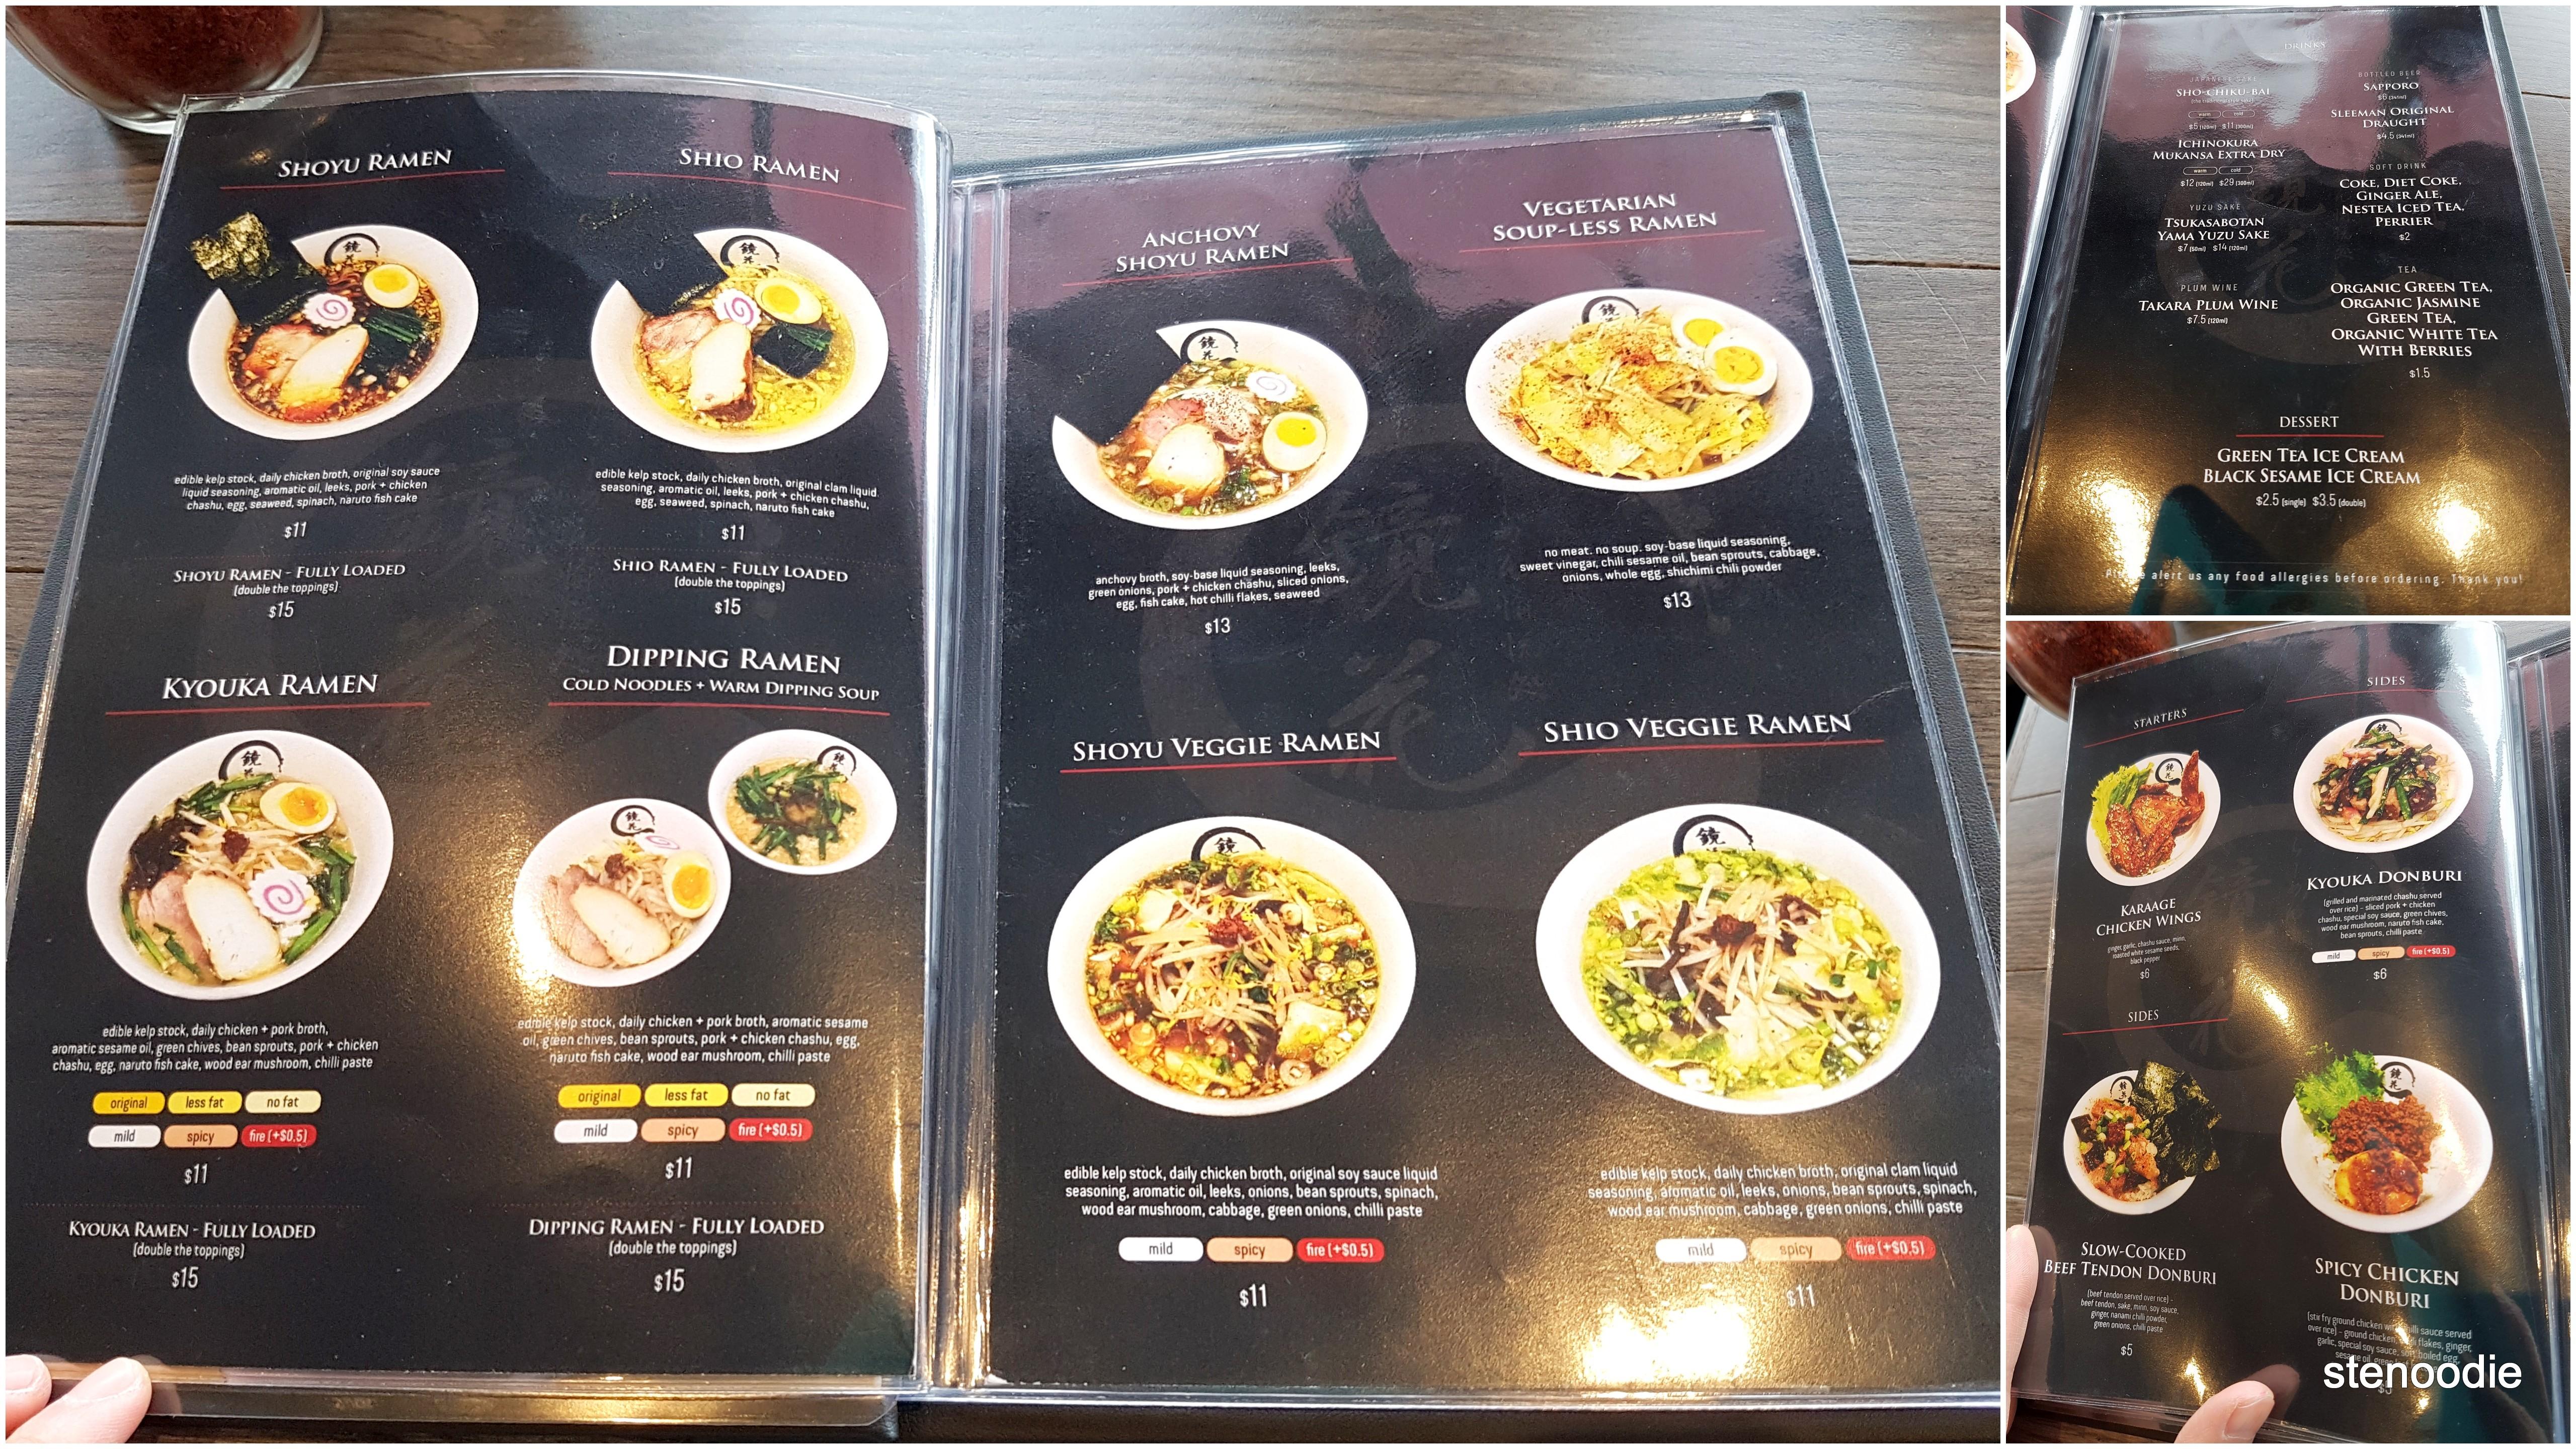 Kyouka Ramen menu